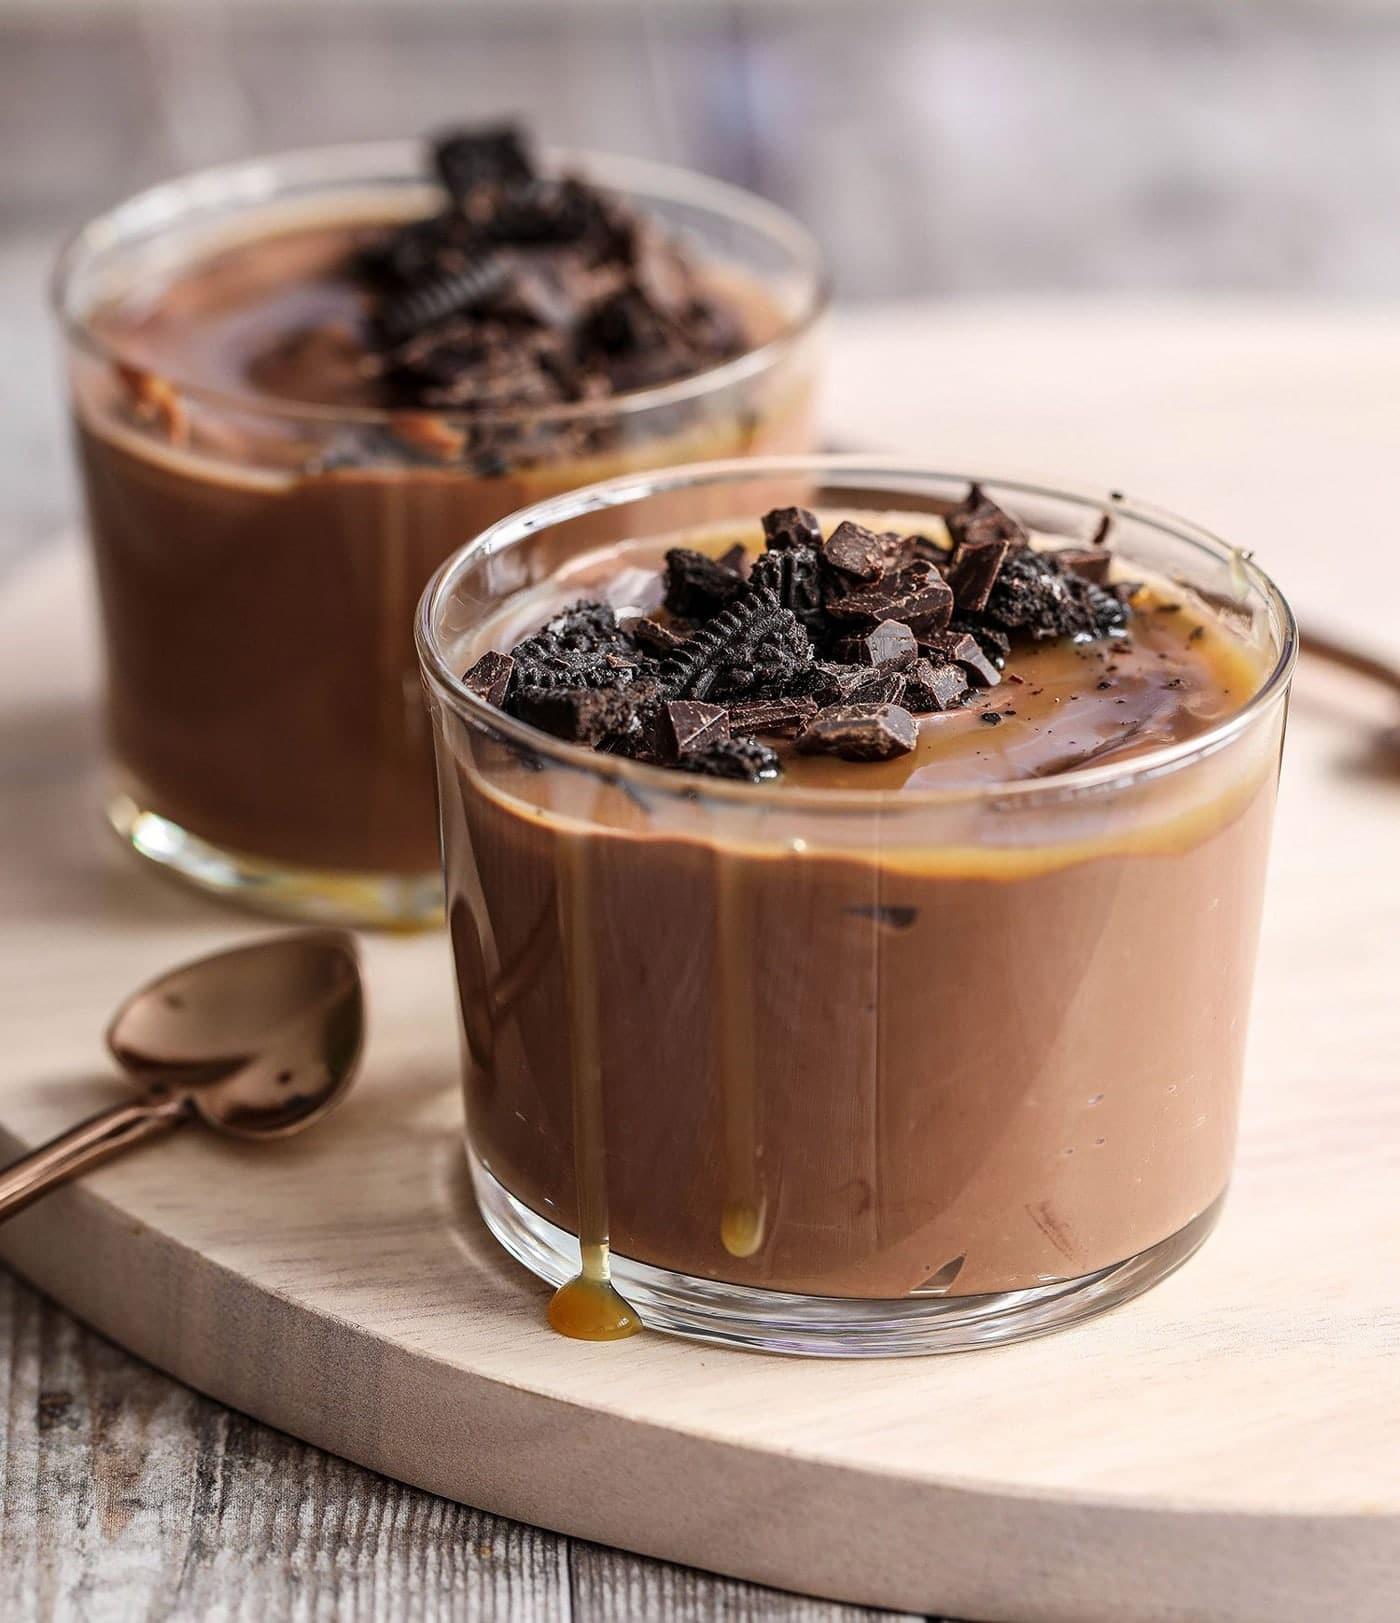 طرز تهیه پودینگ شکلاتی به روشی سریع و آسان را تنها در 4 مرحله یاد بگیرید